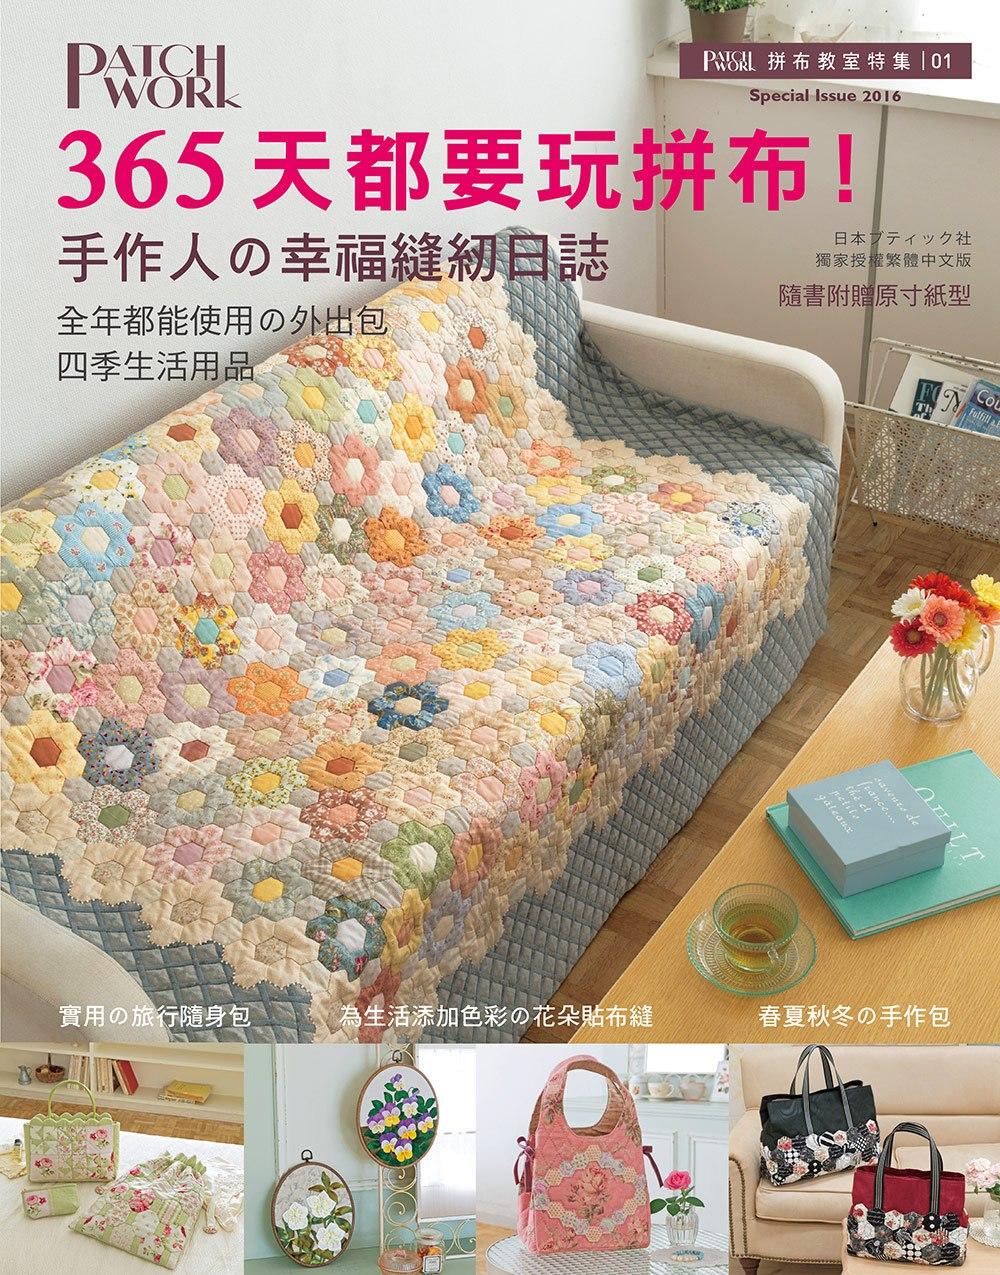 拼布教室特集01:365天都要玩拼布!手作人的幸福縫紉日誌